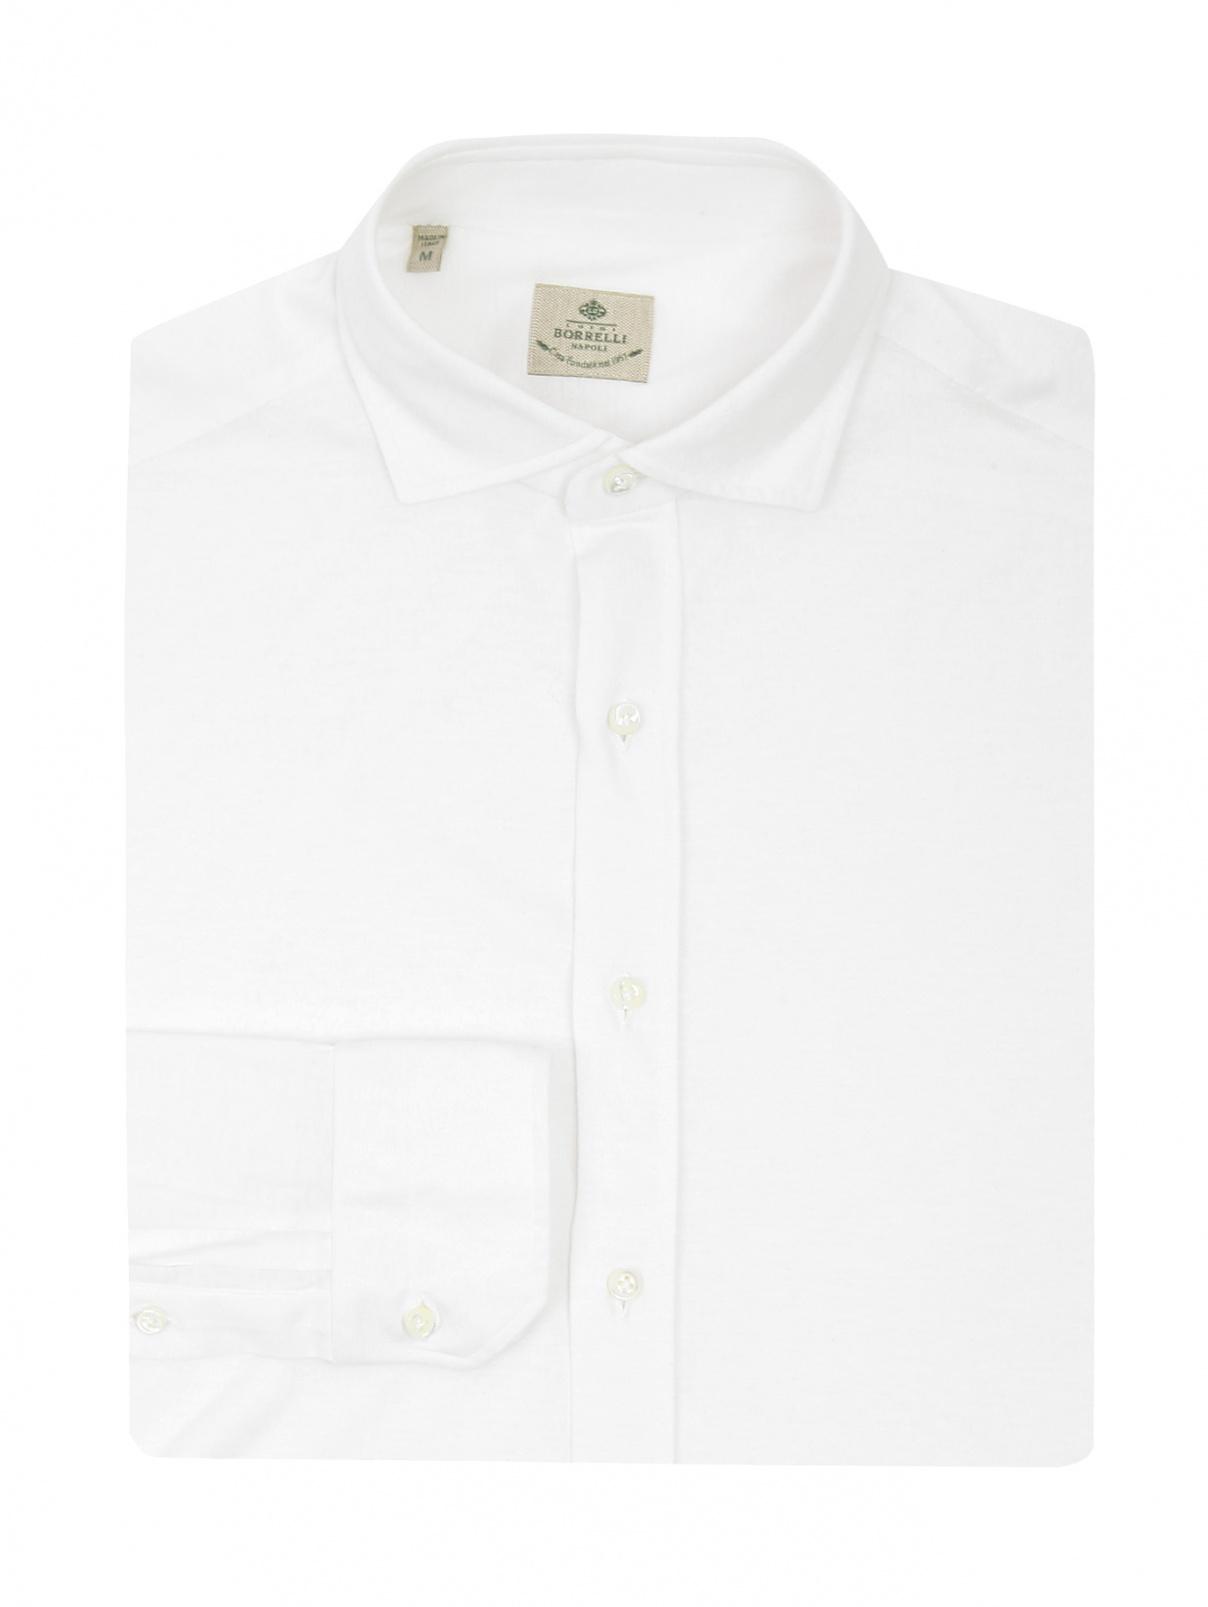 Рубашка из хлопка Borrelli  –  Общий вид  – Цвет:  Белый